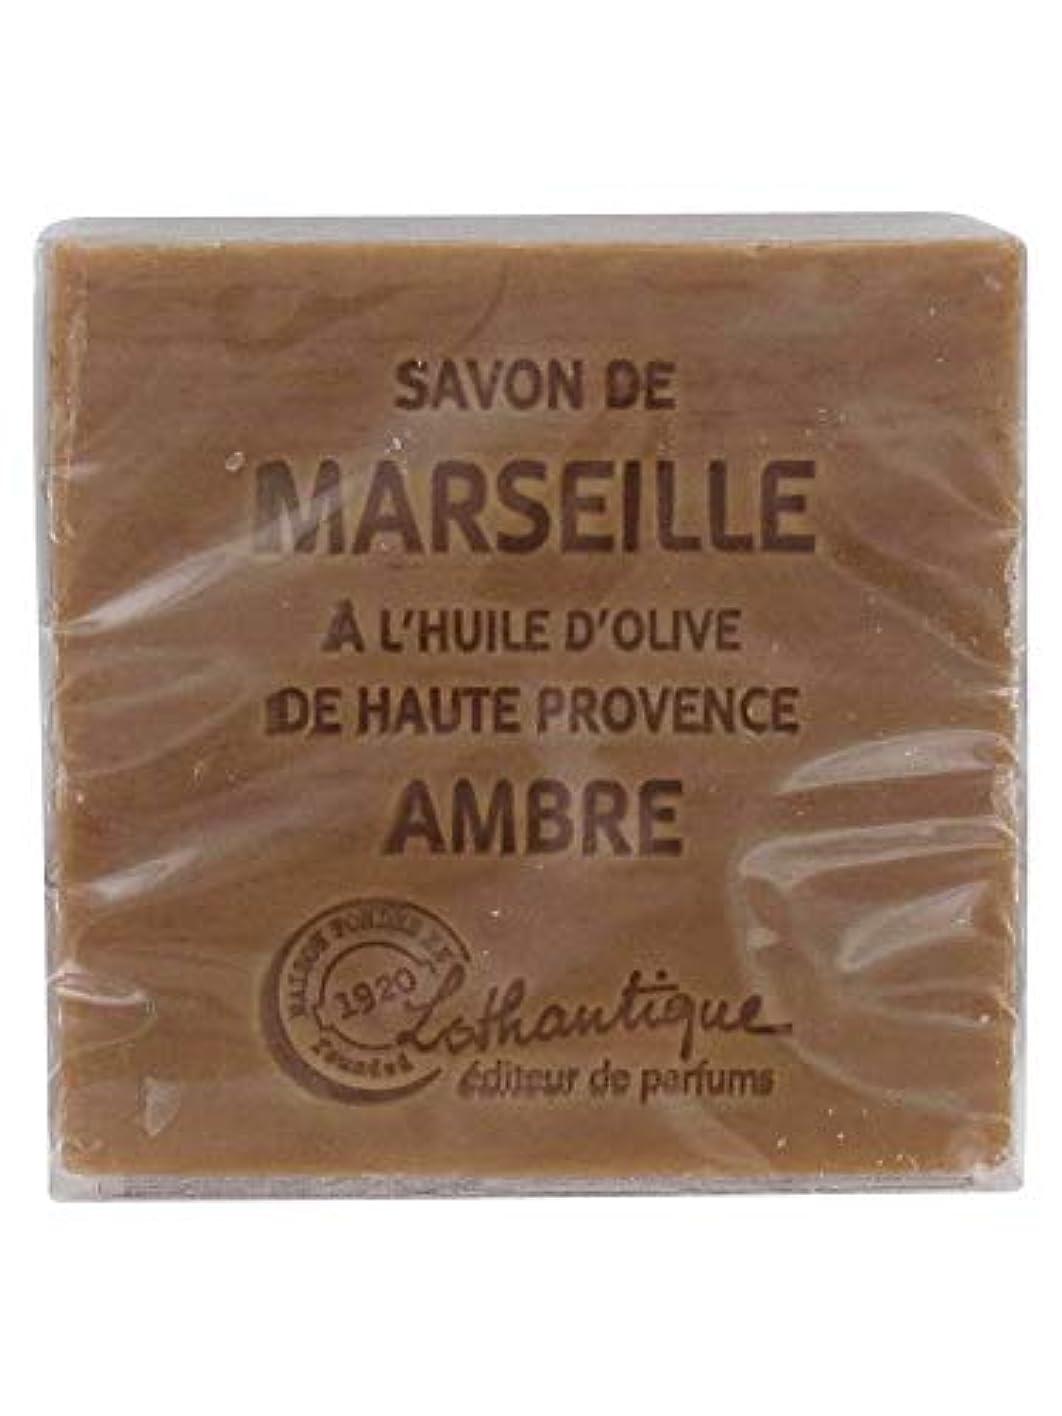 ボード沿ってとしてLothantique(ロタンティック) Les savons de Marseille(マルセイユソープ) マルセイユソープ 100g 「アンバー」 3420070038012